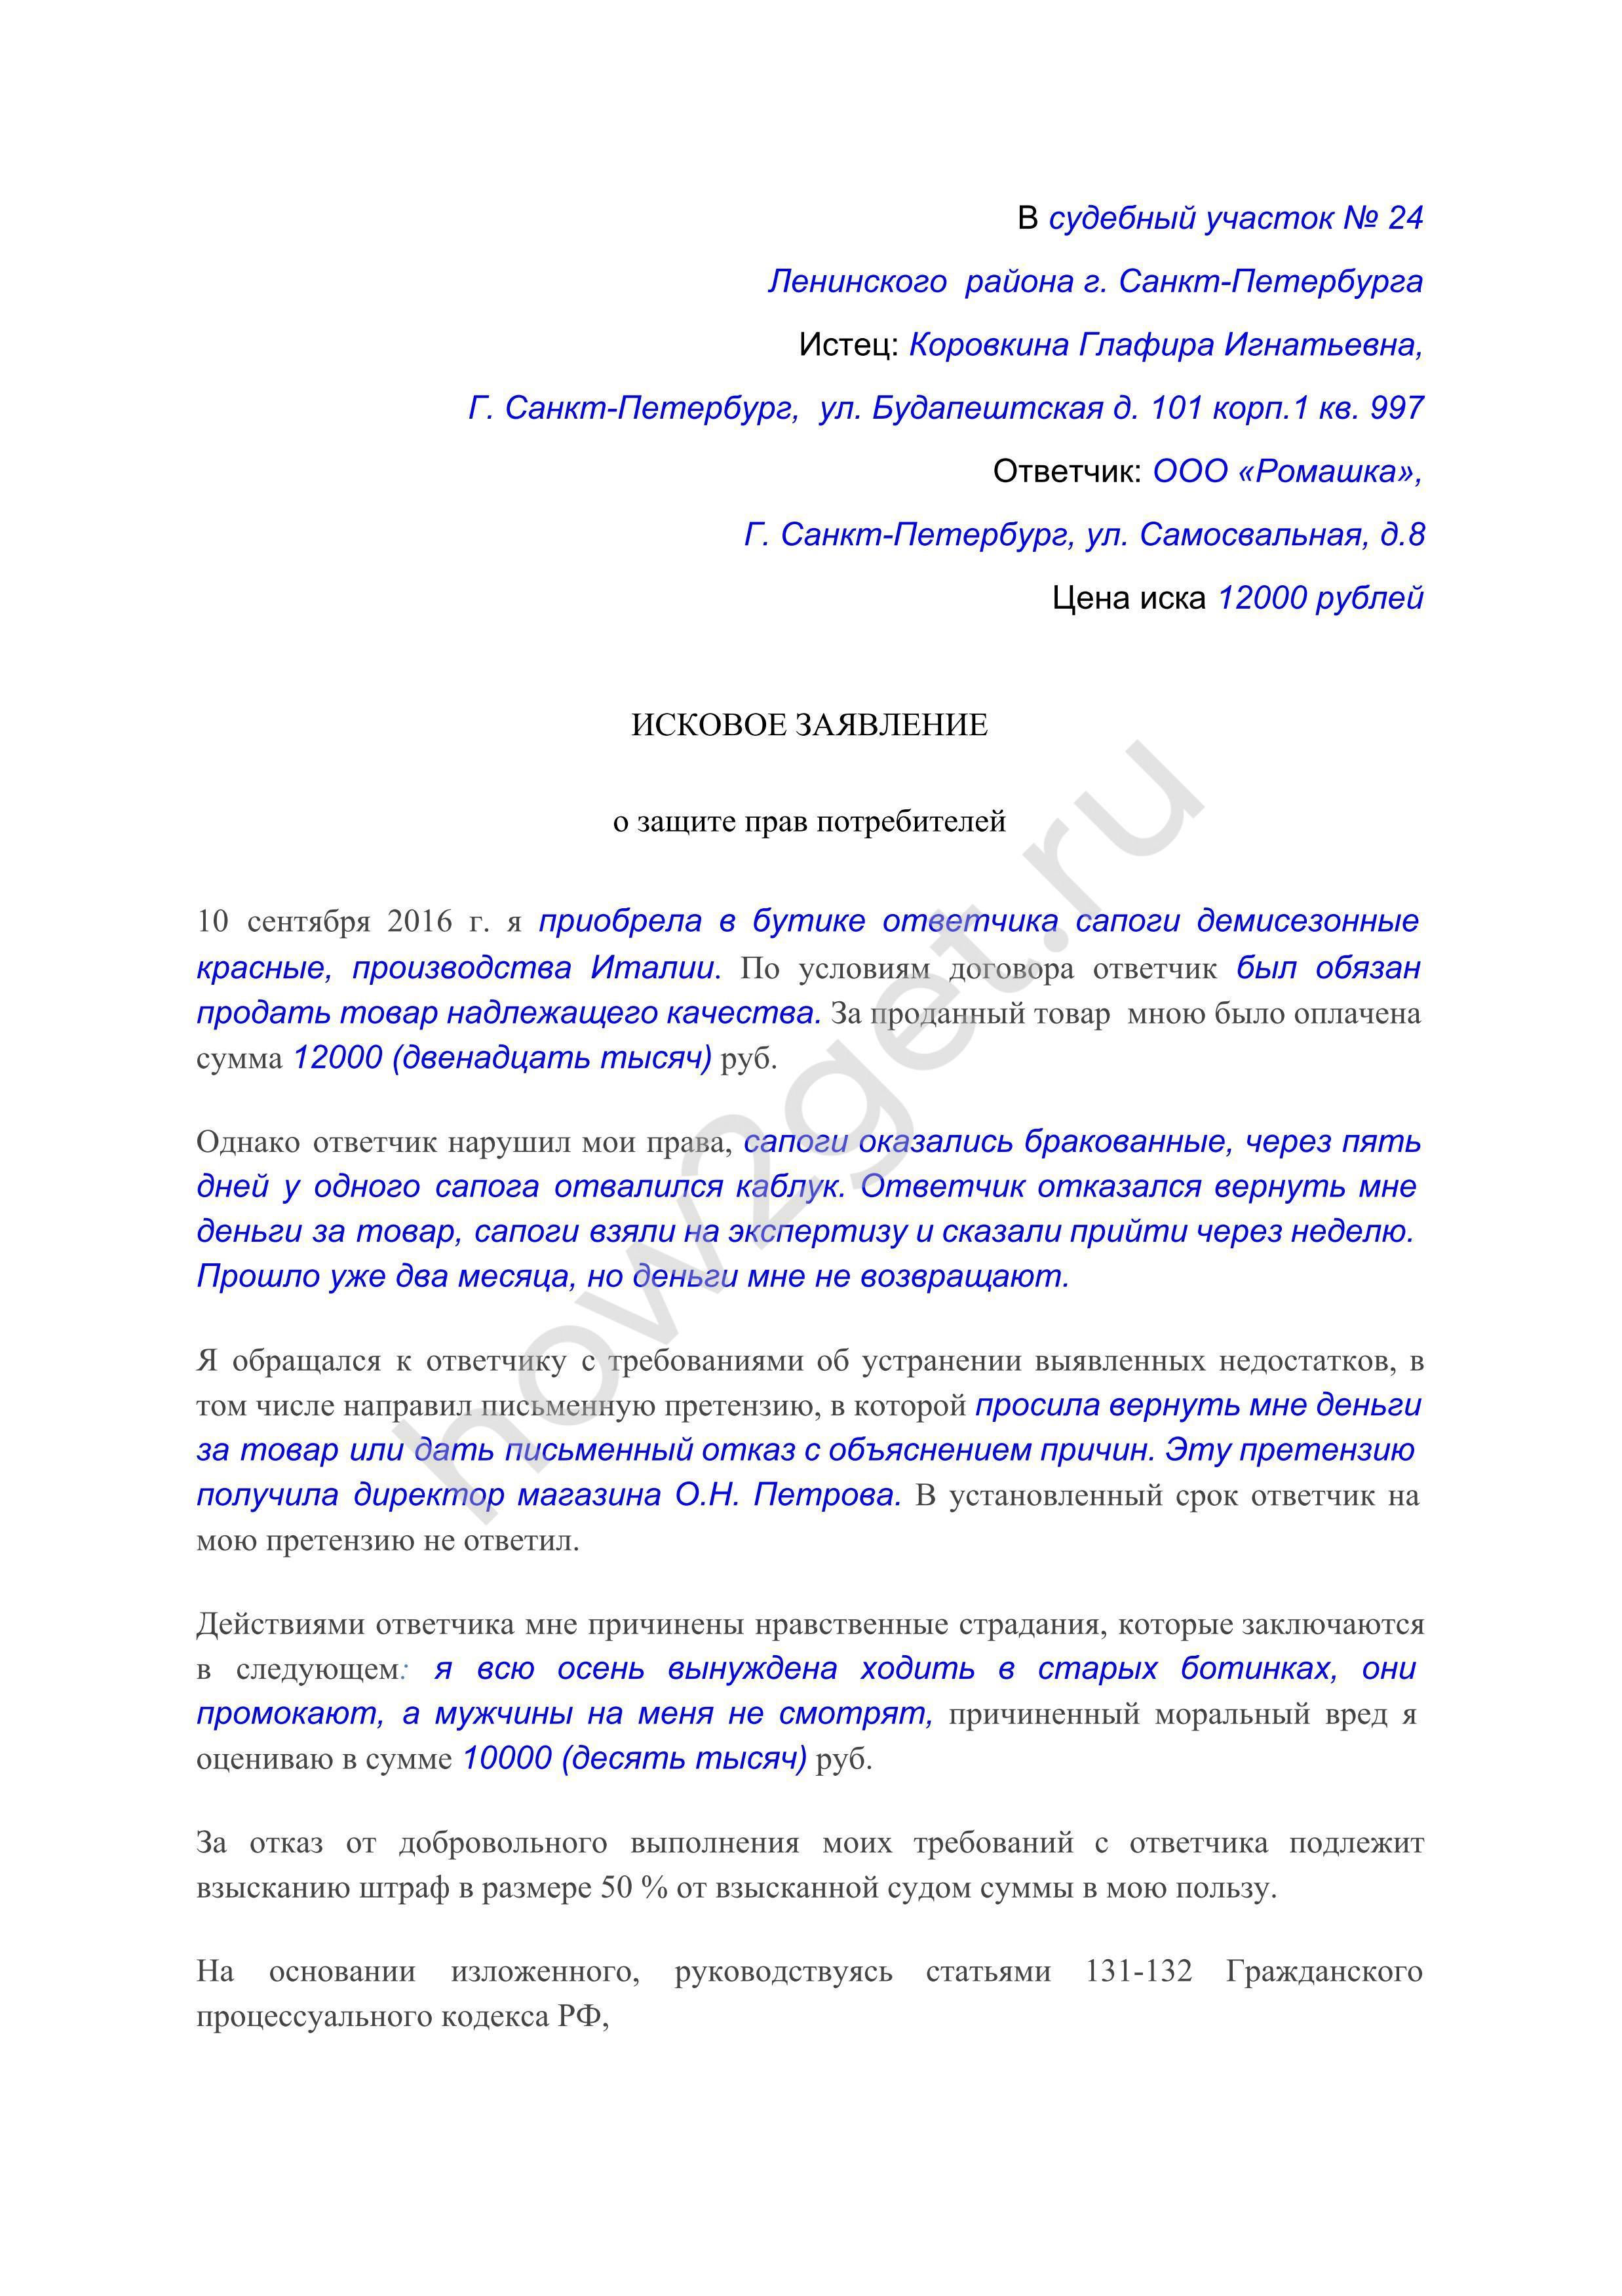 Продуктовый пакет для пенсионеров где получить в санкт петербурге красносельского района